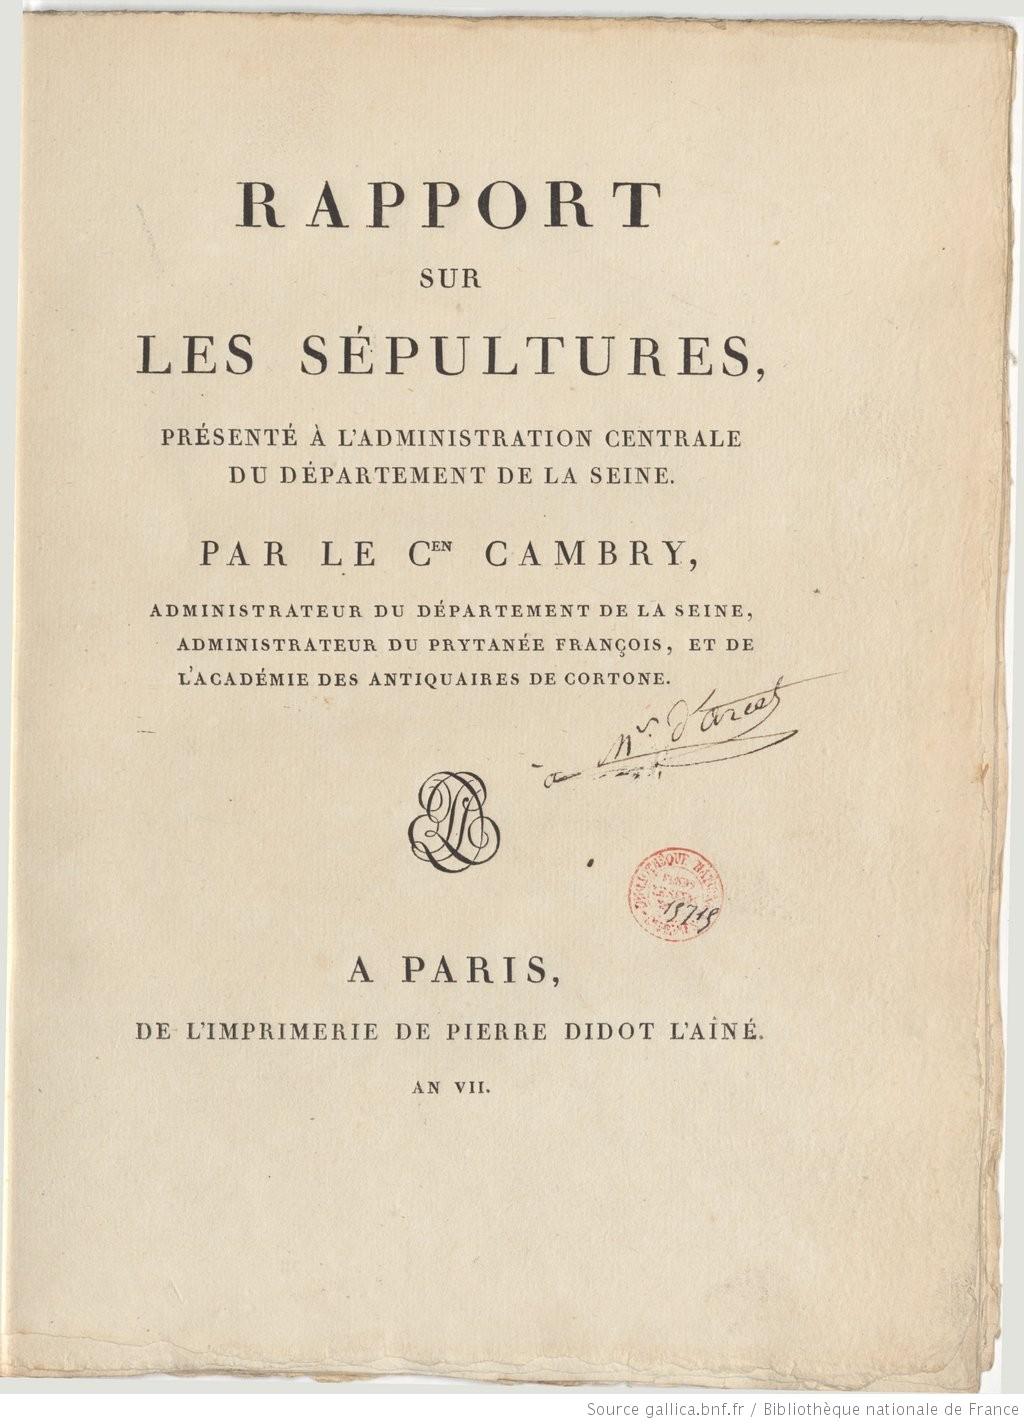 Rapport_sur_les_sépultures_présenté_[...]Cambry_Jacques_bpt6k6523825g (18)